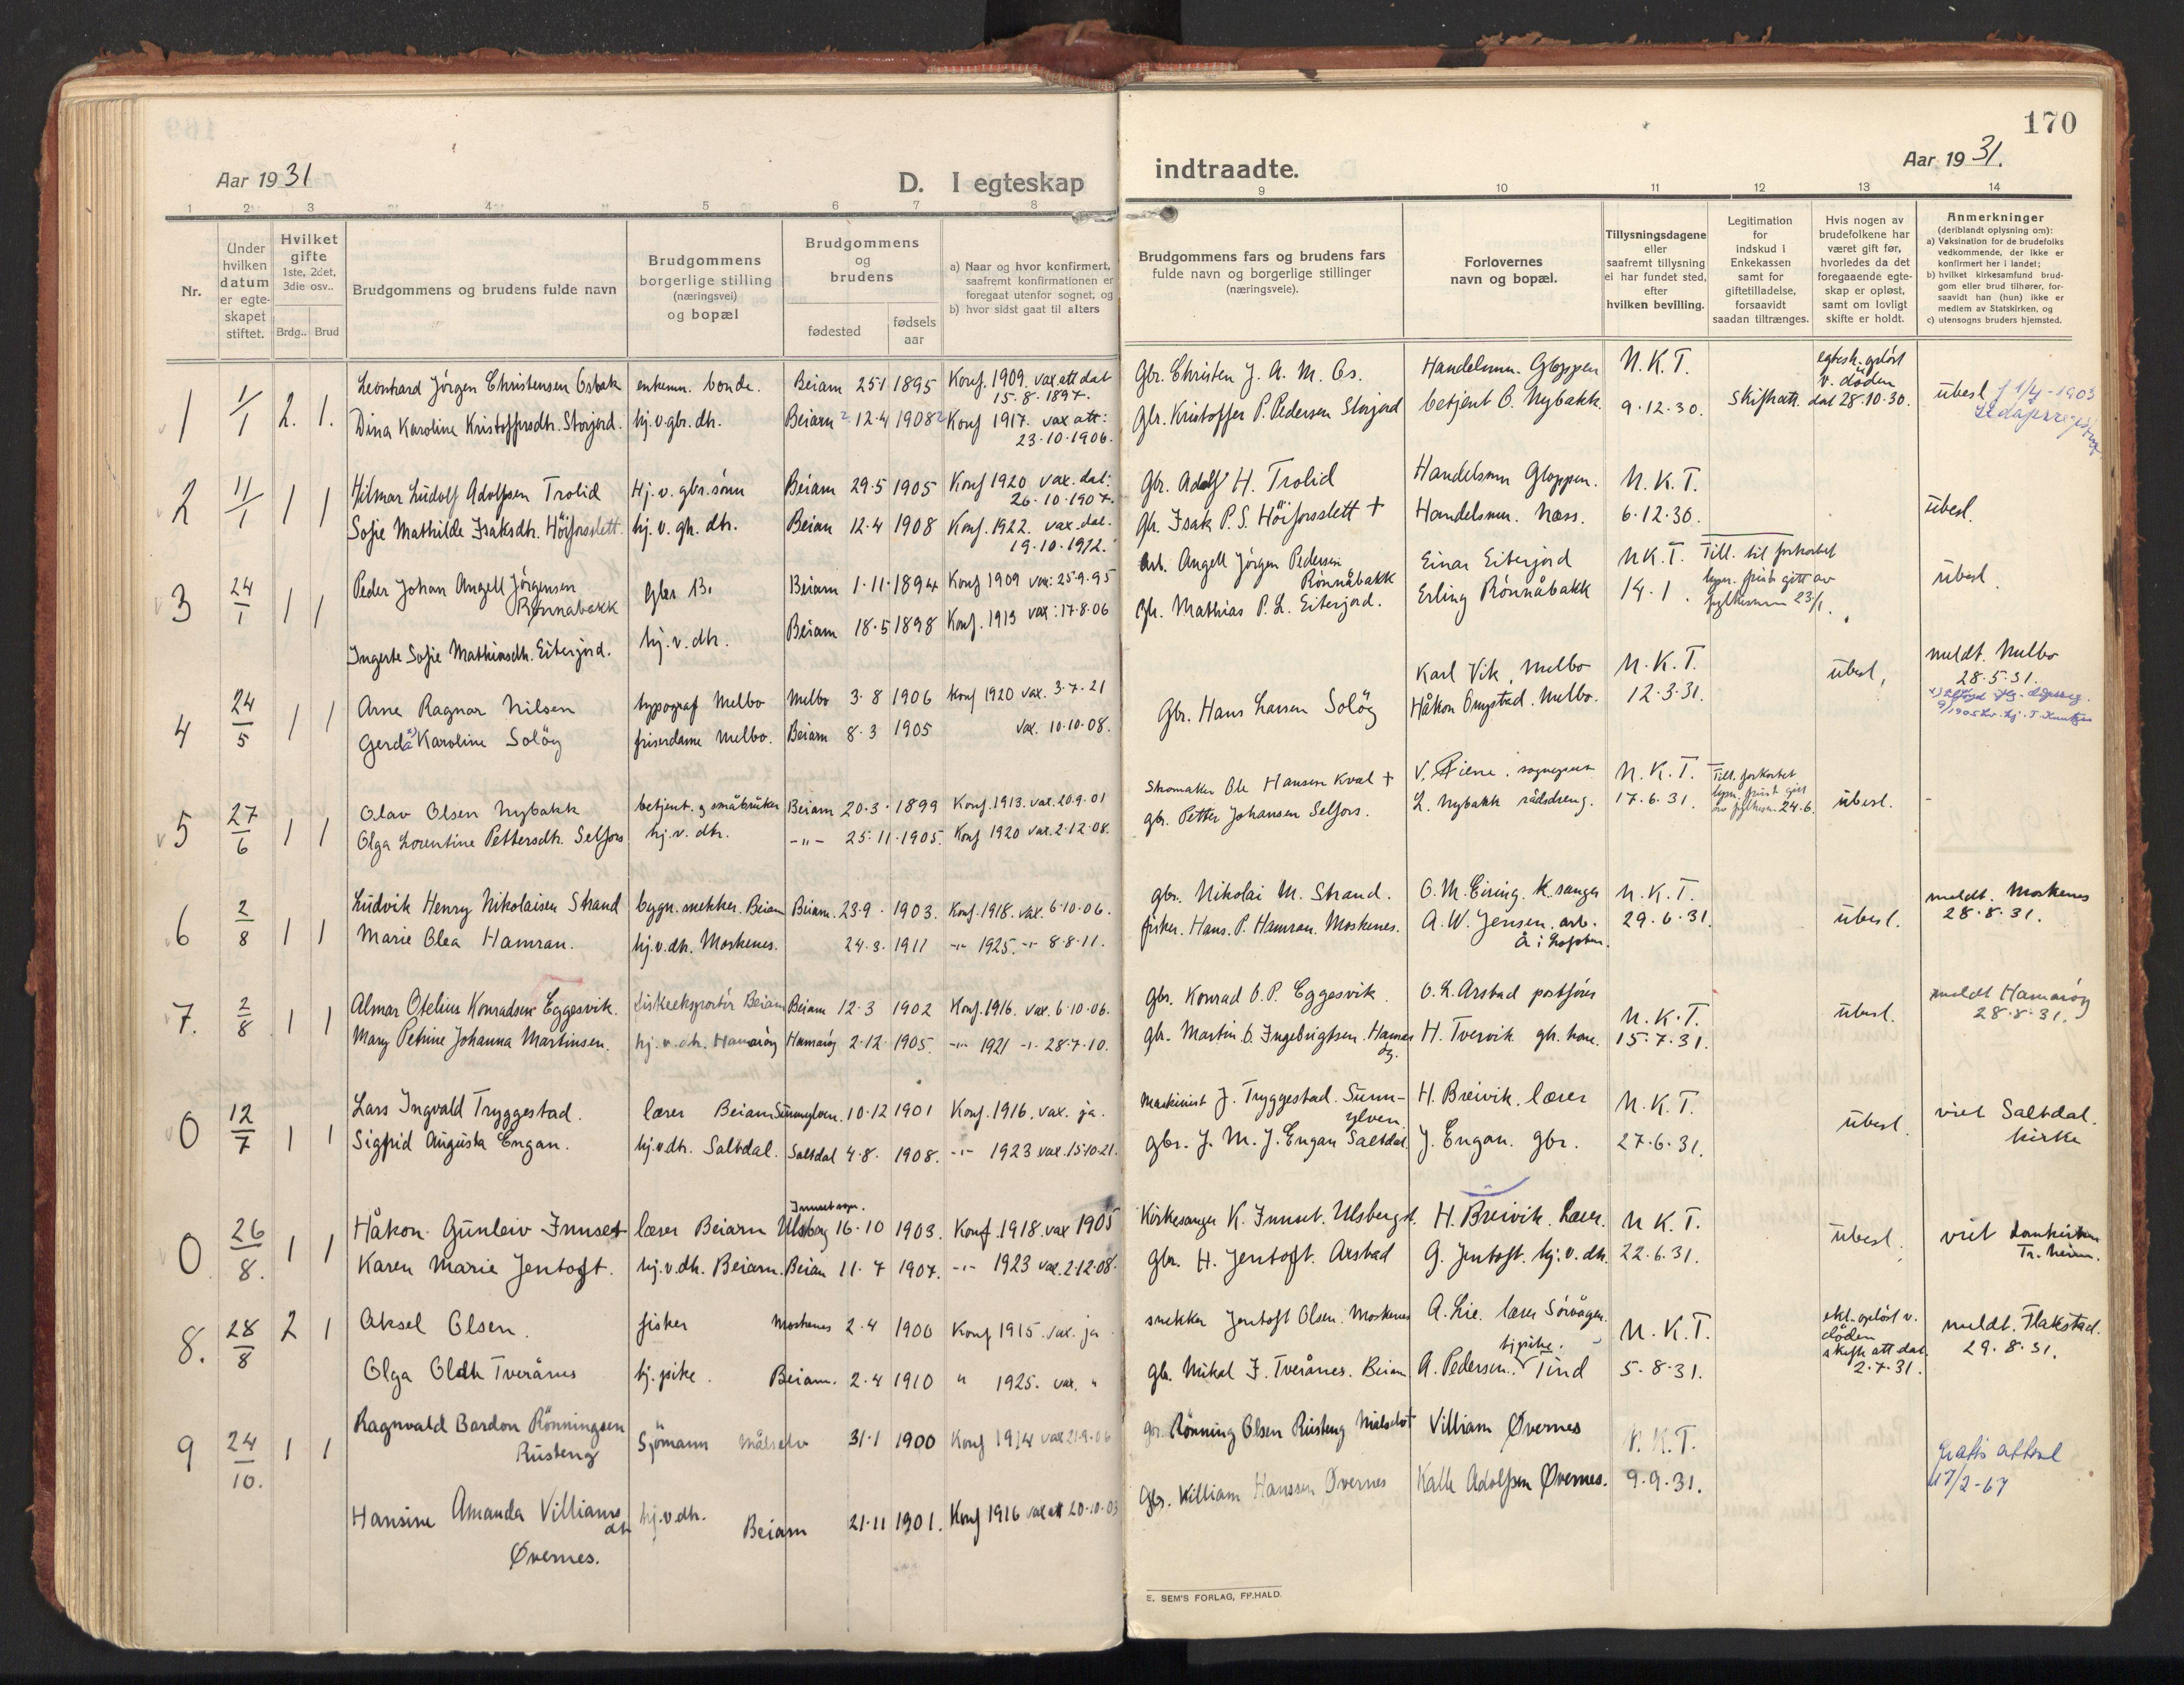 SAT, Ministerialprotokoller, klokkerbøker og fødselsregistre - Nordland, 846/L0650: Parish register (official) no. 846A08, 1916-1935, p. 170